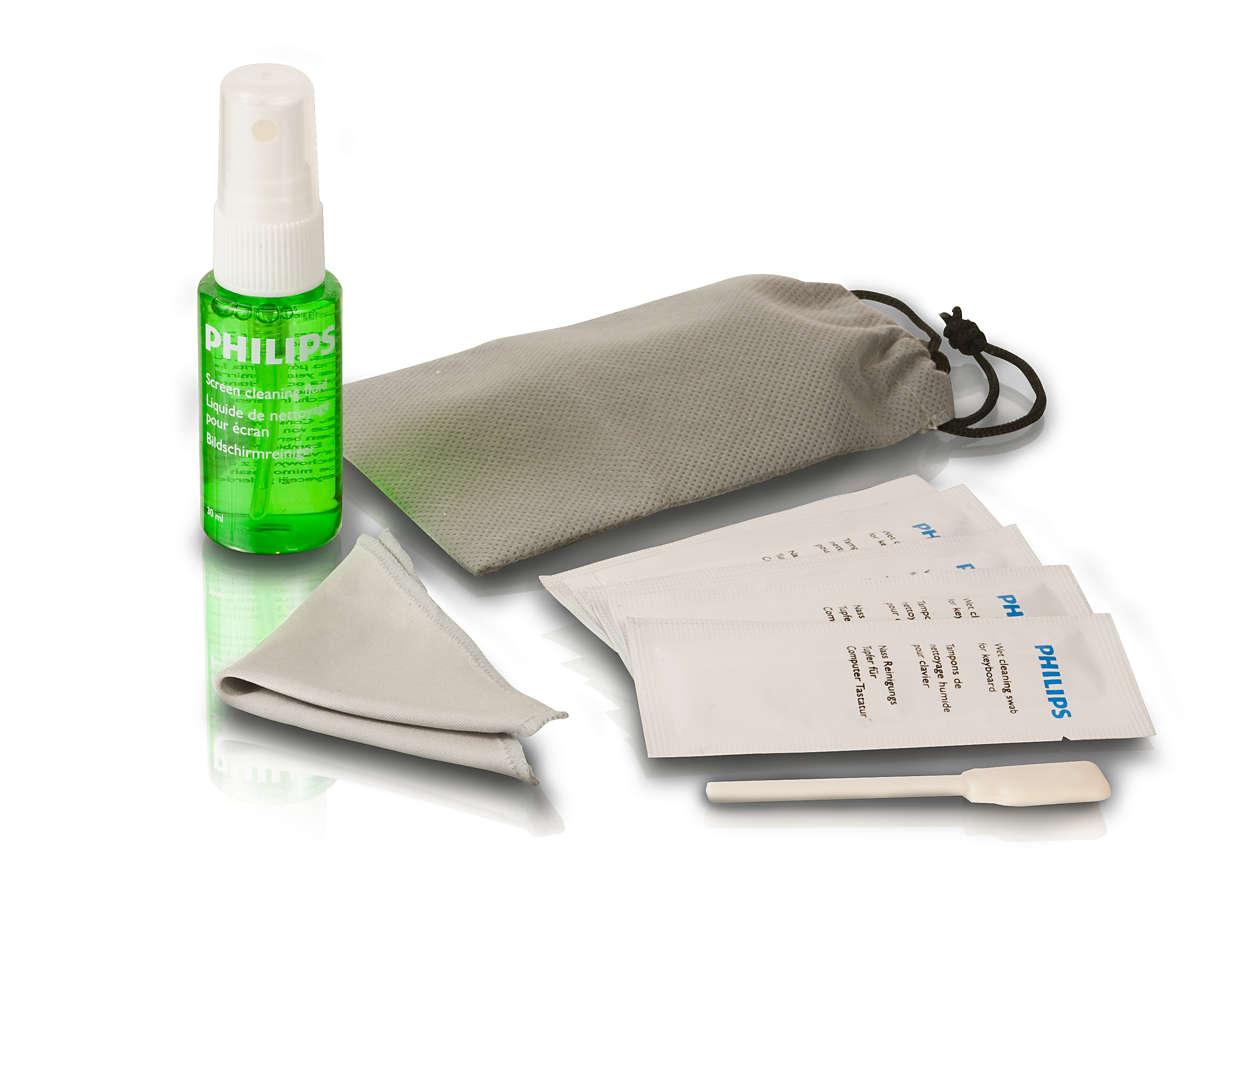 Безопасная очистка экрана ноутбука или мобильного устройства